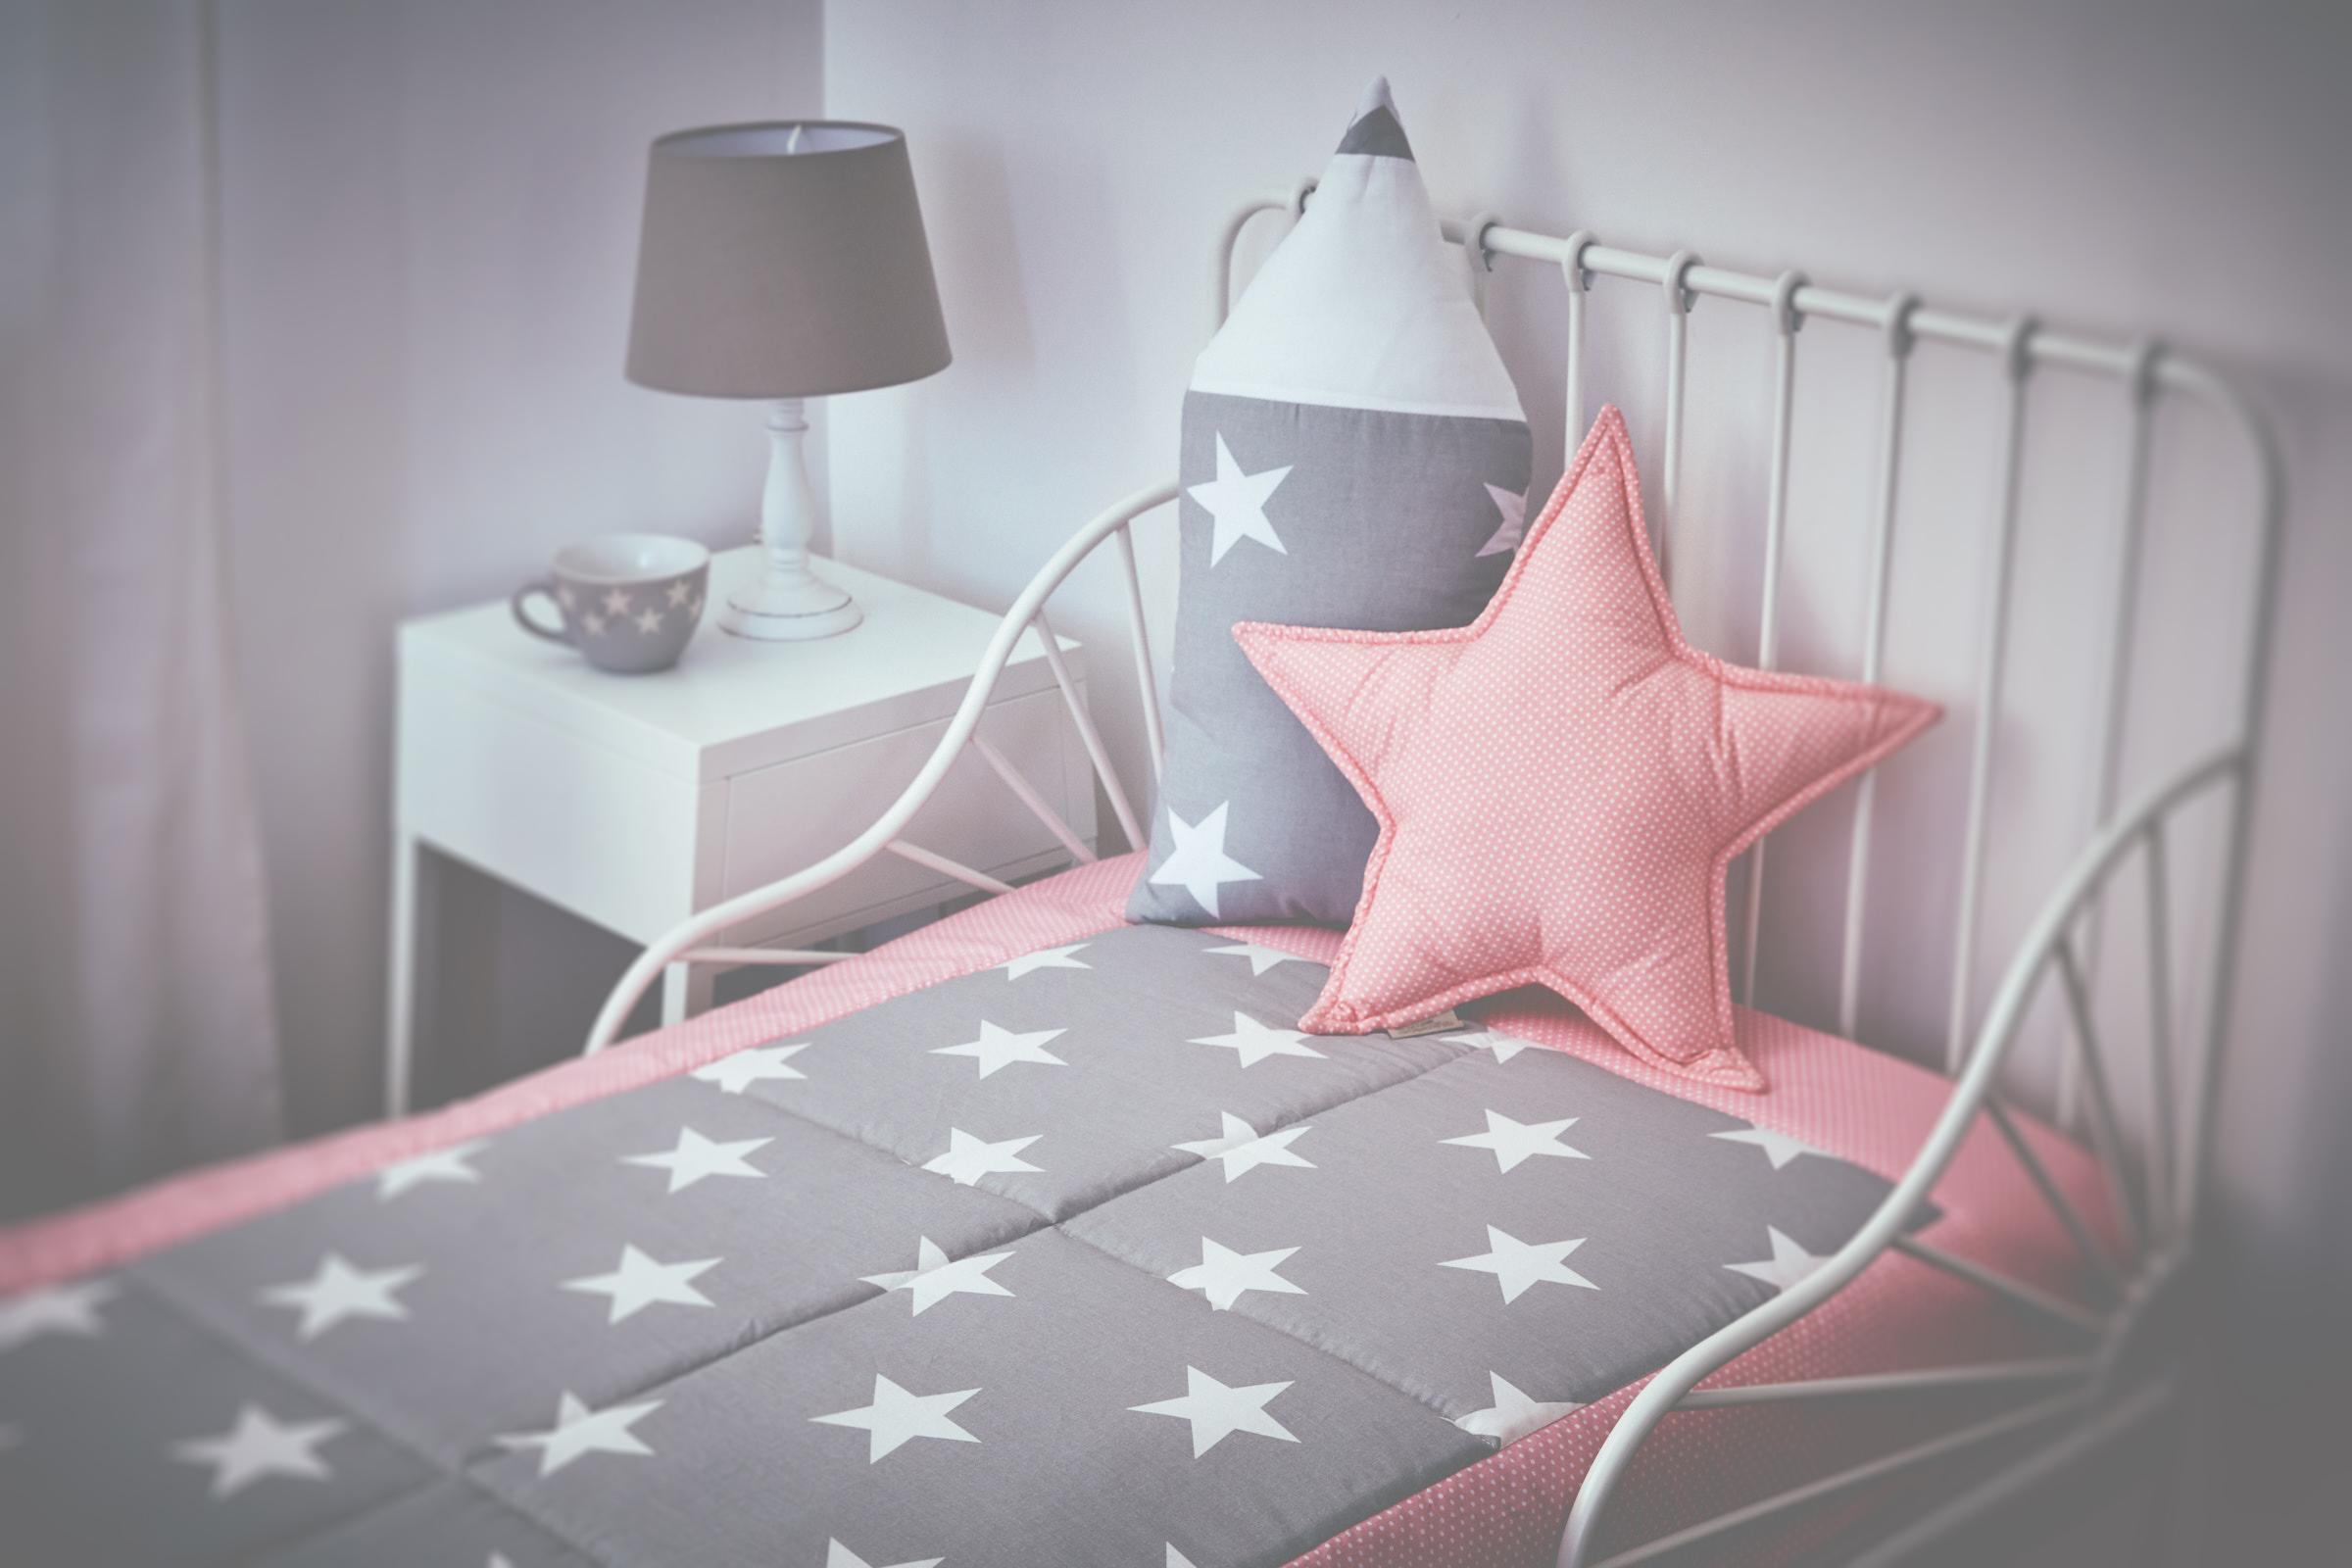 KraftKids Tagesdecke große weiße Sterne auf Grau und weiße Punkte auf Koralrosa